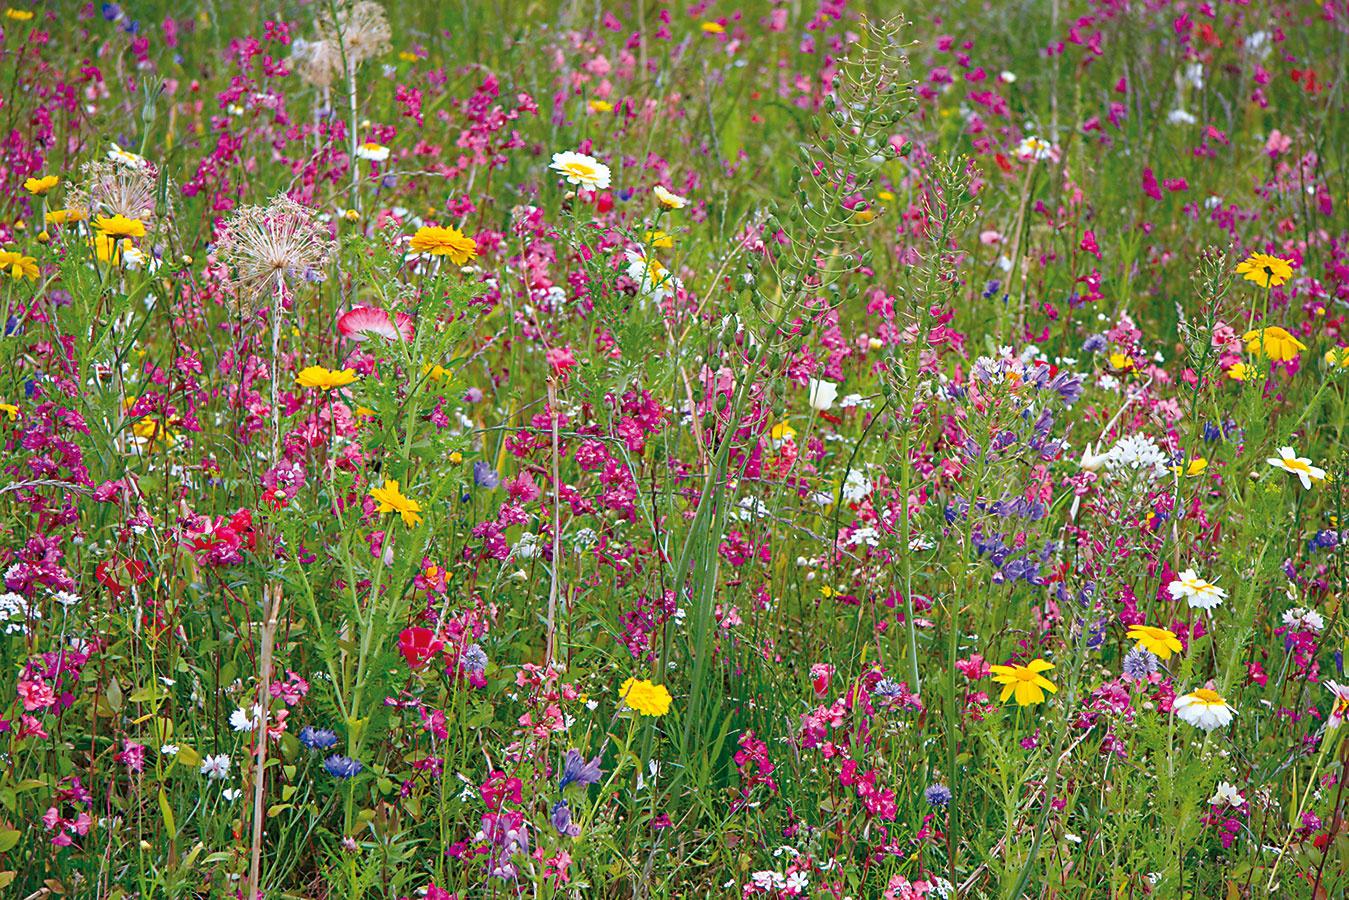 Koniec leta je ideálny na zakladanie kvetinových lúk, ktoré sa uplatnia najmä vo vidieckom prostredí – na slnečných miestach pri chatách achalupách. Na tento účel možno kúpiť aj hotovú trávnu zmes, ktorá sa zmieša so suchým pieskom arozhodí na pripravenú plochu. Dbajte na to, aby bola vysiata plocha neustále vlhká, čím sa docieli rovnomerné klíčenie. Takýmto spôsobom nikdy nevysievajte už existujúcu alebo zle prosperujúcu trávnu plochu – efekt by bol prakticky nulový. Pôda by mala byť chudobnejšia na živiny, teda nie príliš výživná. Kvetinovú lúku možno založiť na rovine alebo vnie príliš prudkom svahu. Takéto stvárnenie záhrady však nie je vhodné do domácností alergikov, keďže súčasťou lúk sú aj rastliny, ktorých peľ môže vyvolať alergické reakcie. Skosením bude lepšie počkať až na jeseň, prípadne až na ďalšiu sezónu.